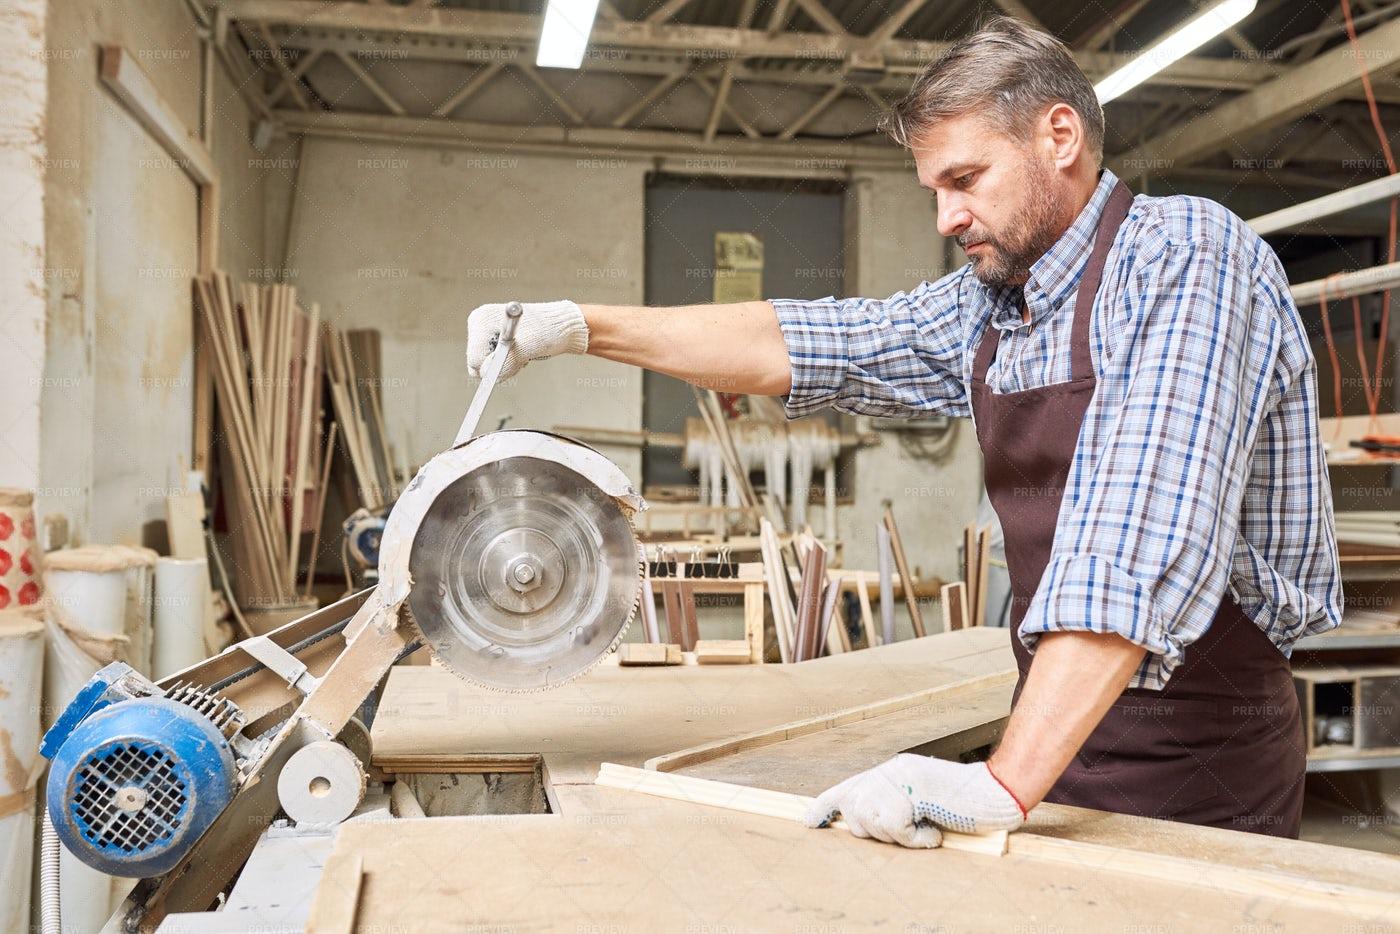 Carpenter Cutting Wood: Stock Photos